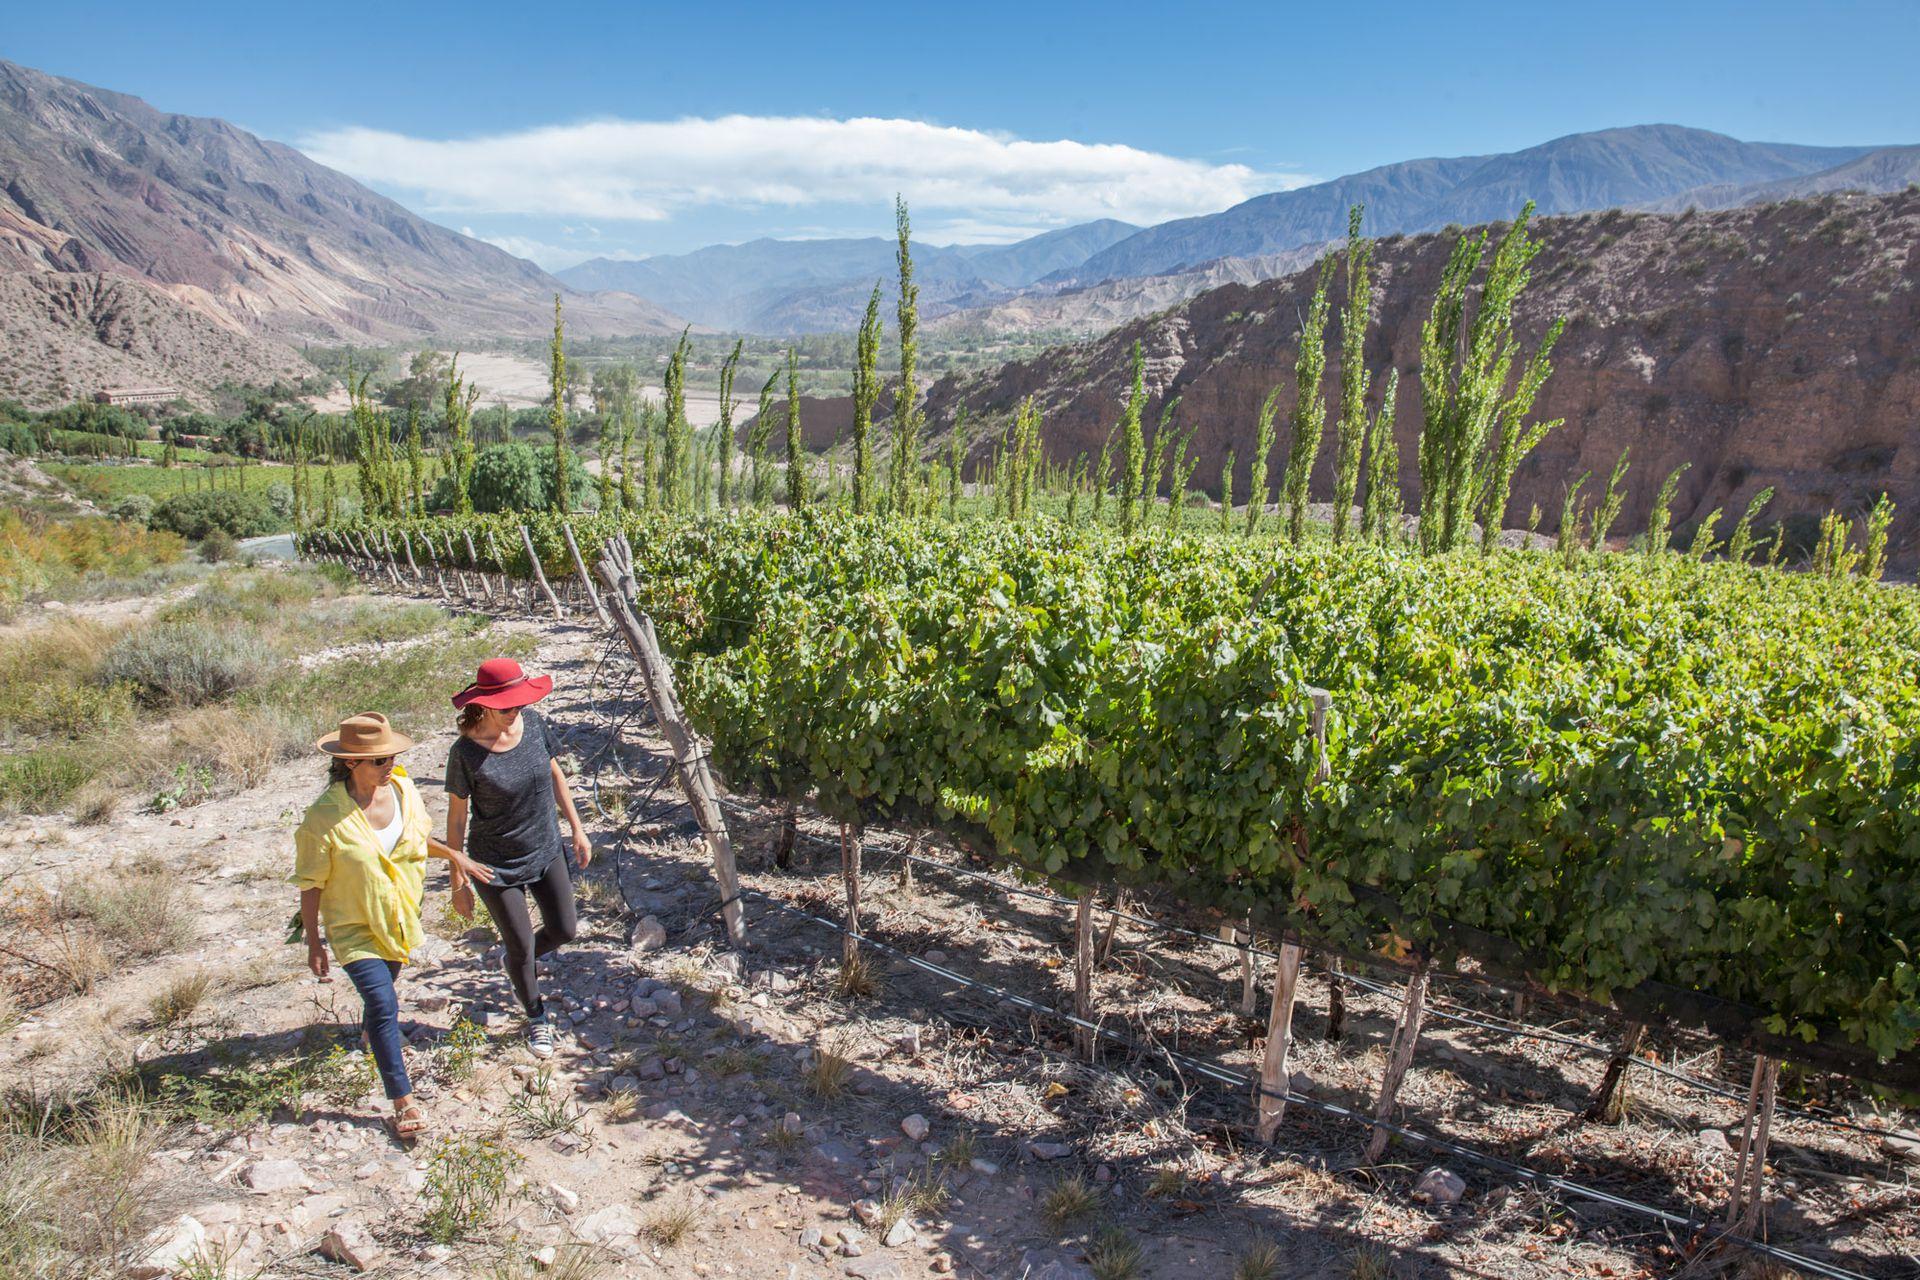 Recorrida por los viñedos de la bodega Dupont, rodeada de cerros.